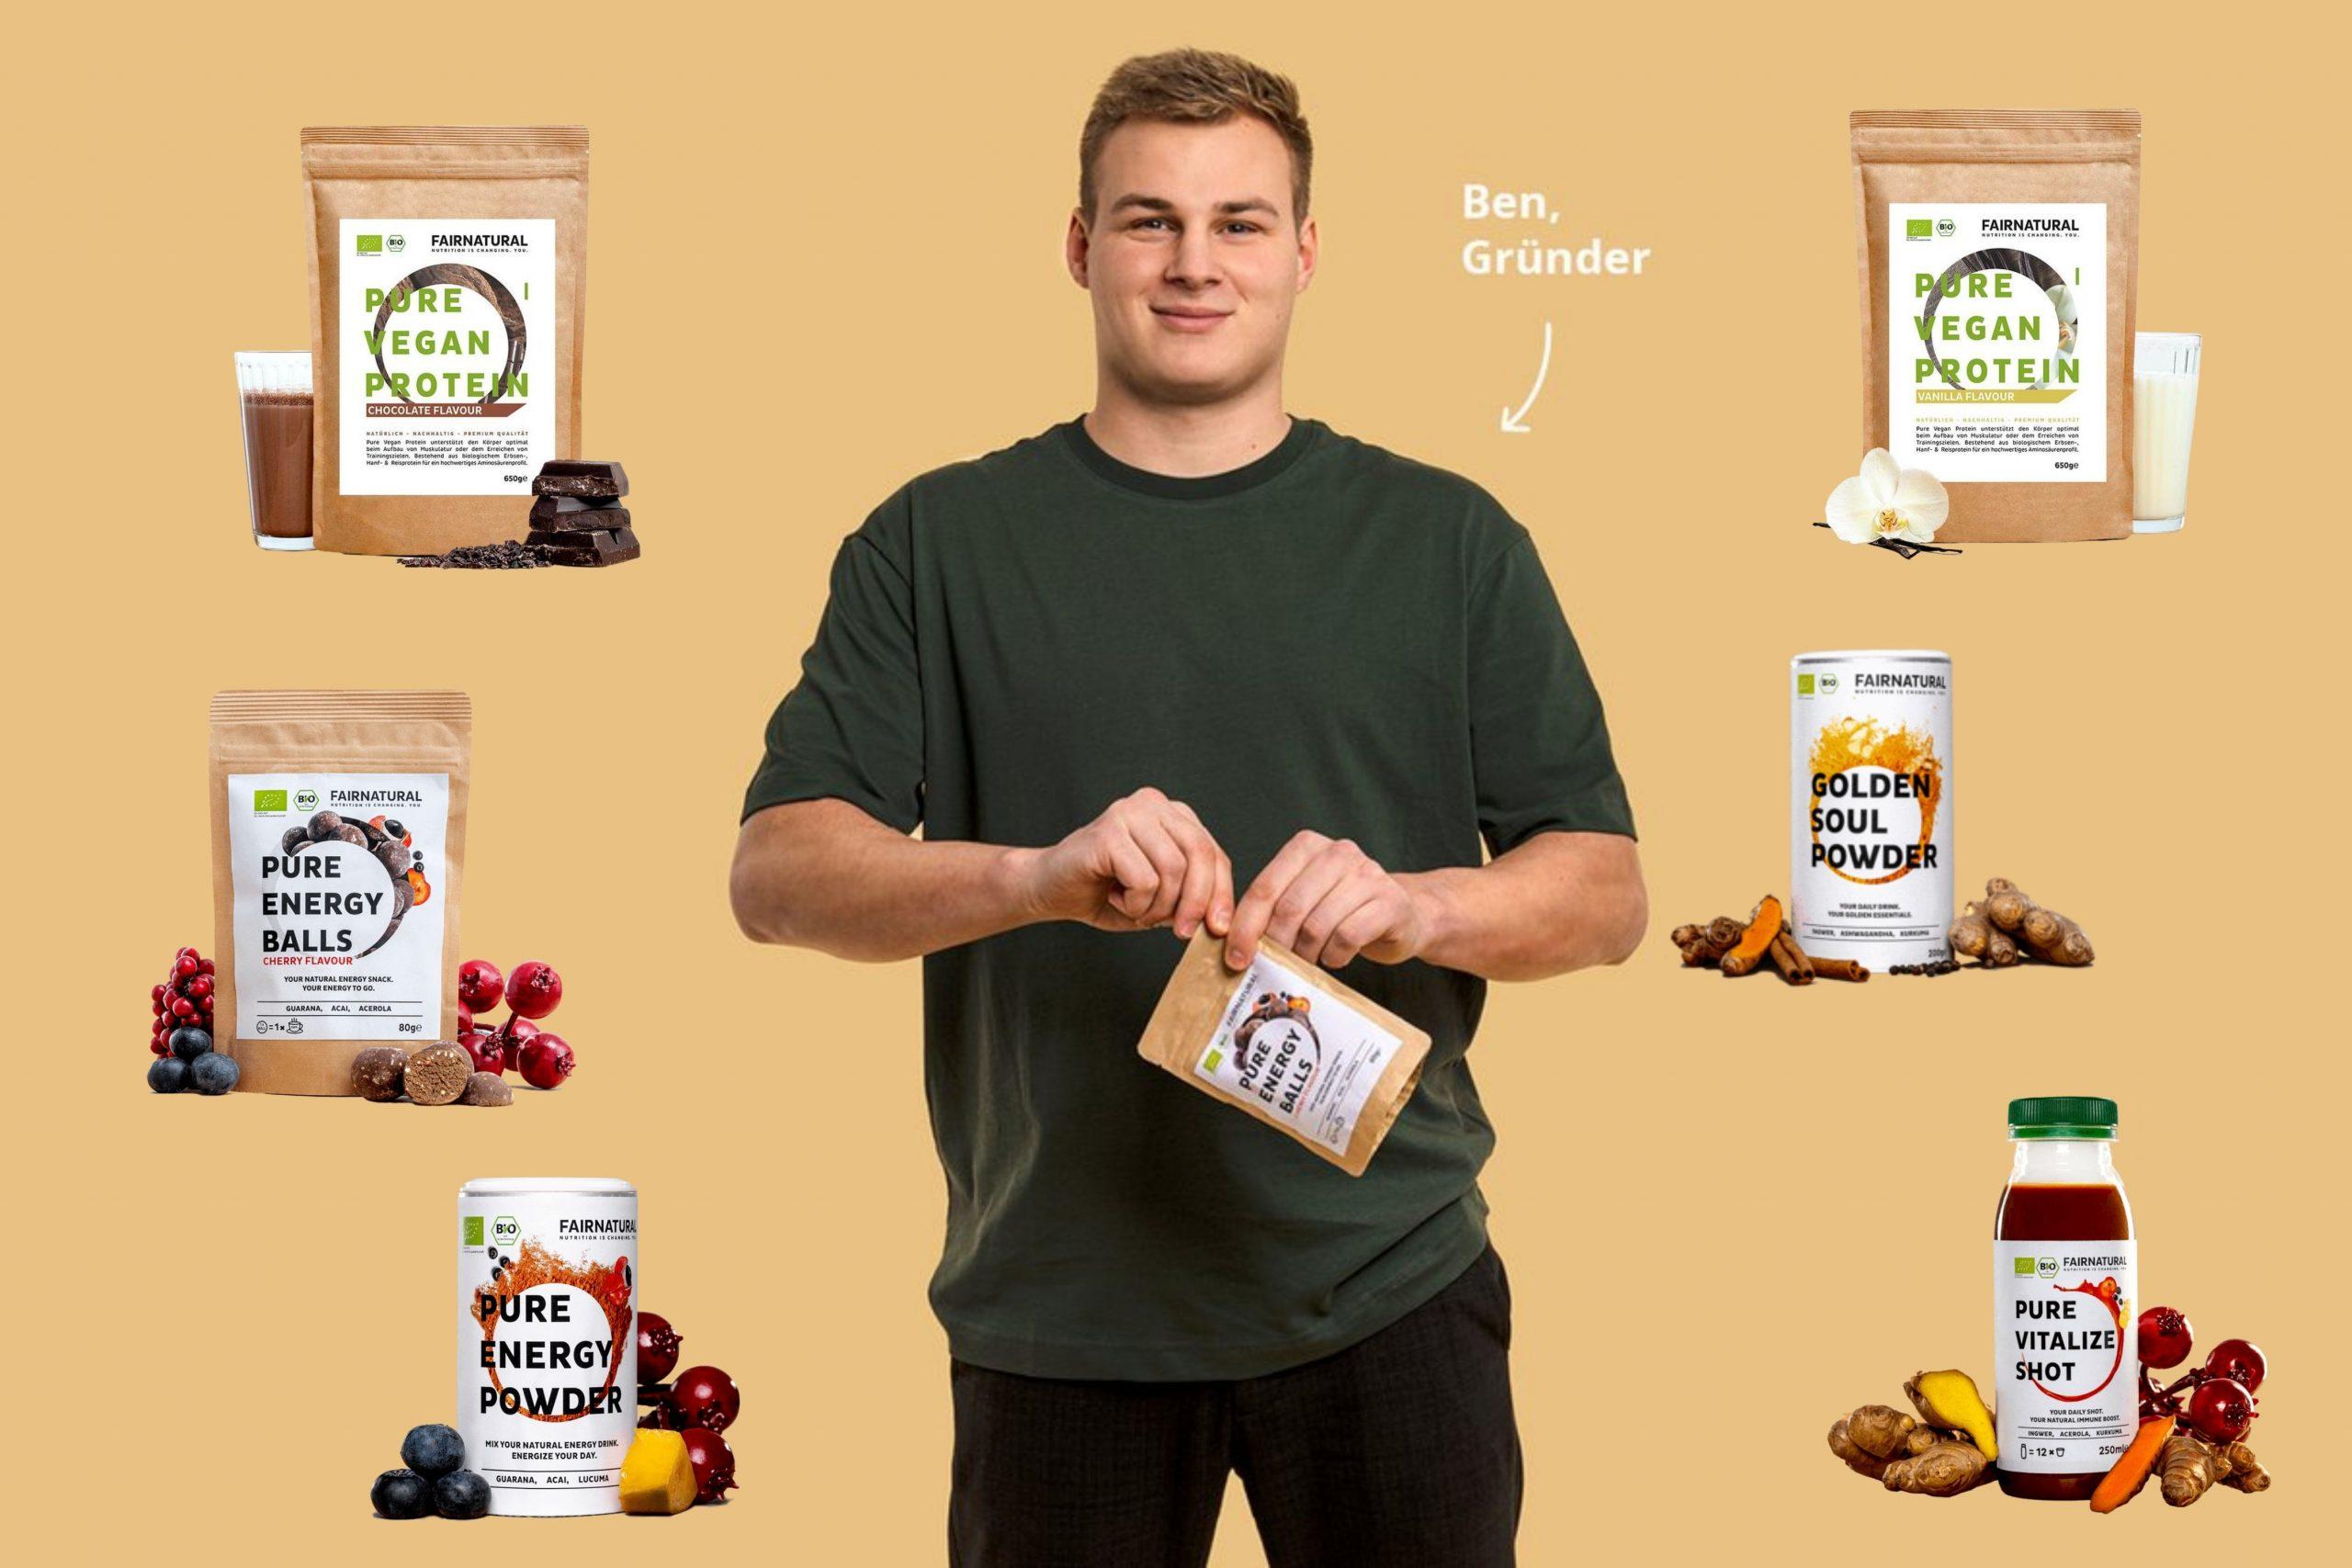 fairnatural_vegane_proteine